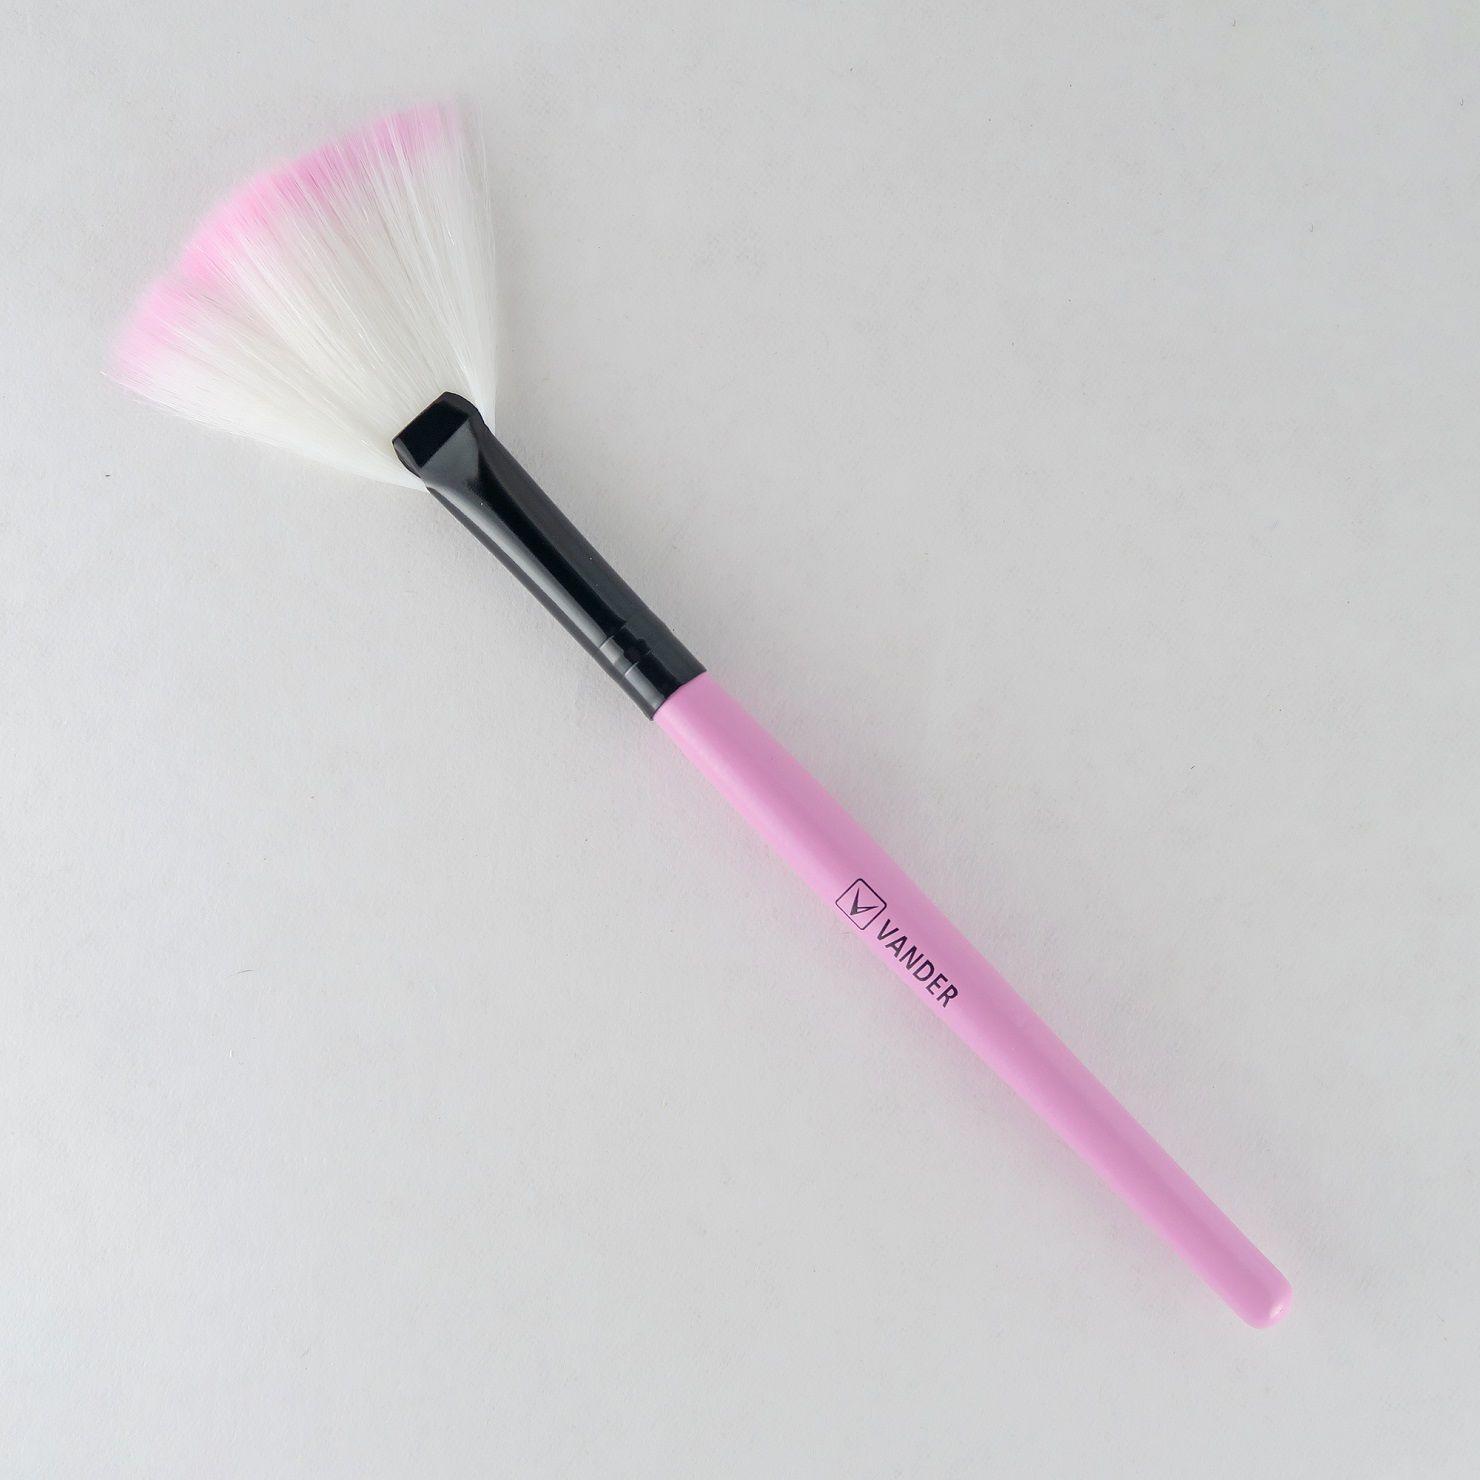 Kit 32 Pincéis para Maquiagem Profissional Vander + Estojo